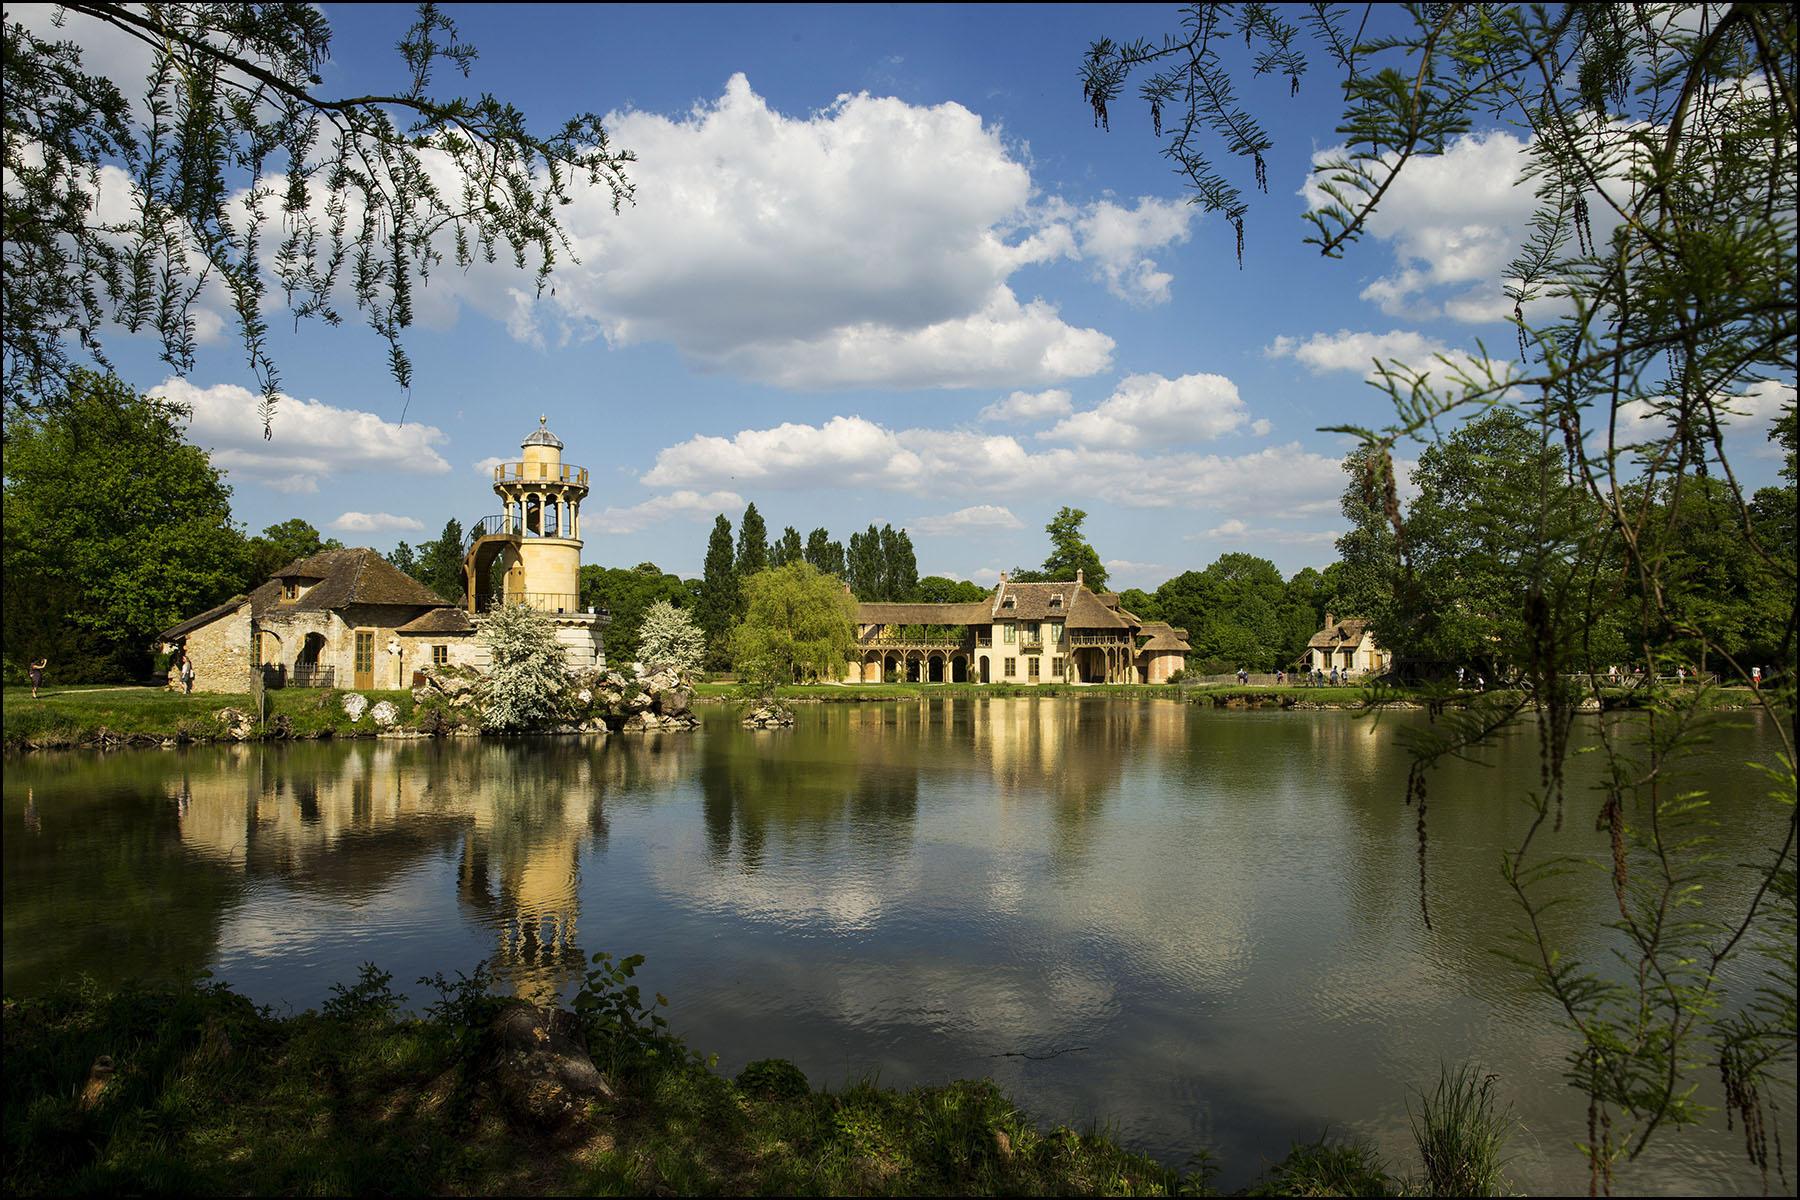 Ouverture après restauration et remeublement de la maison de la reine à Versailles